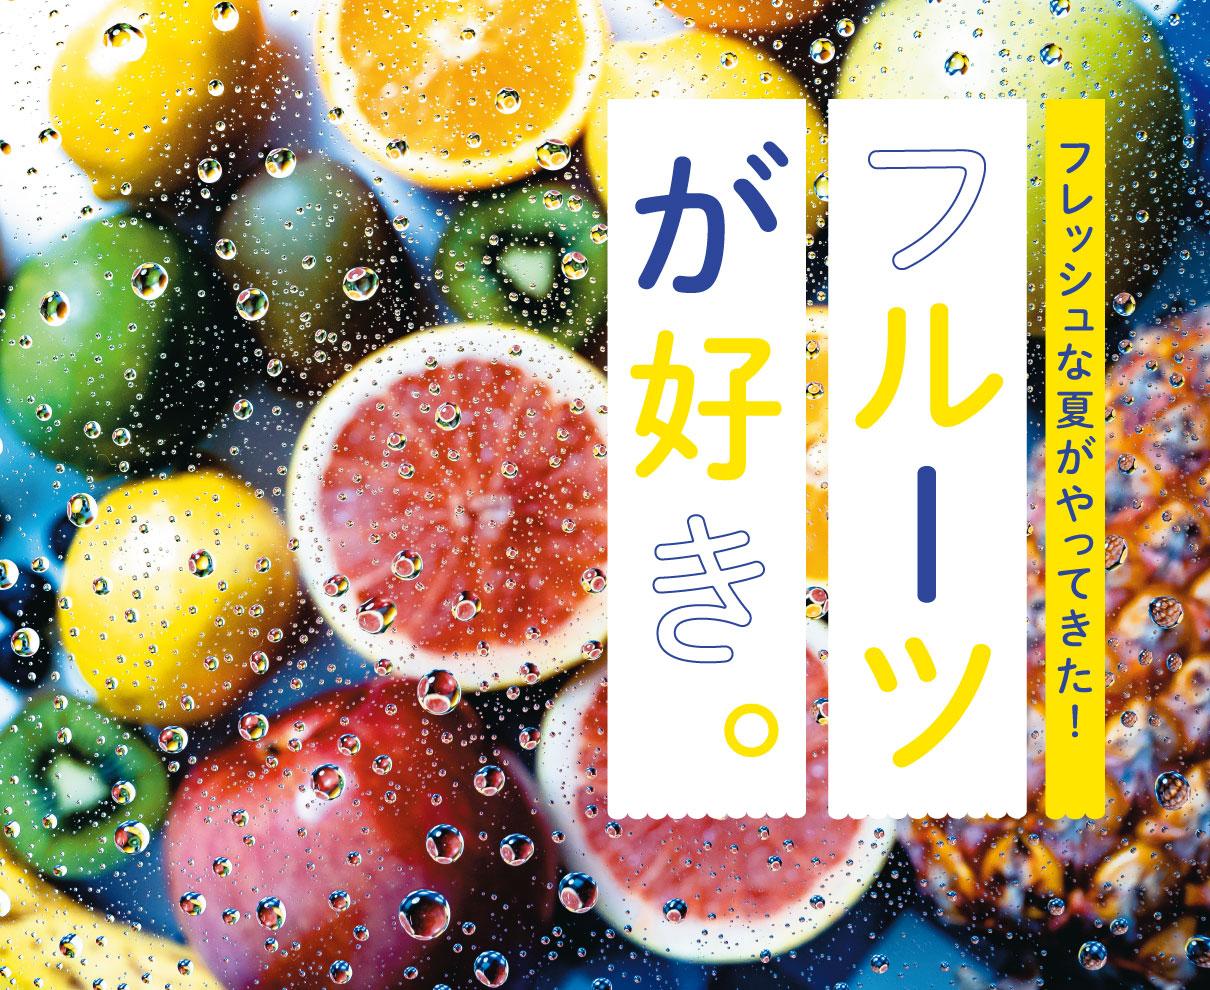 月刊ウララ7月号より『フレッシュな夏がやってきた! フルーツが好き。』